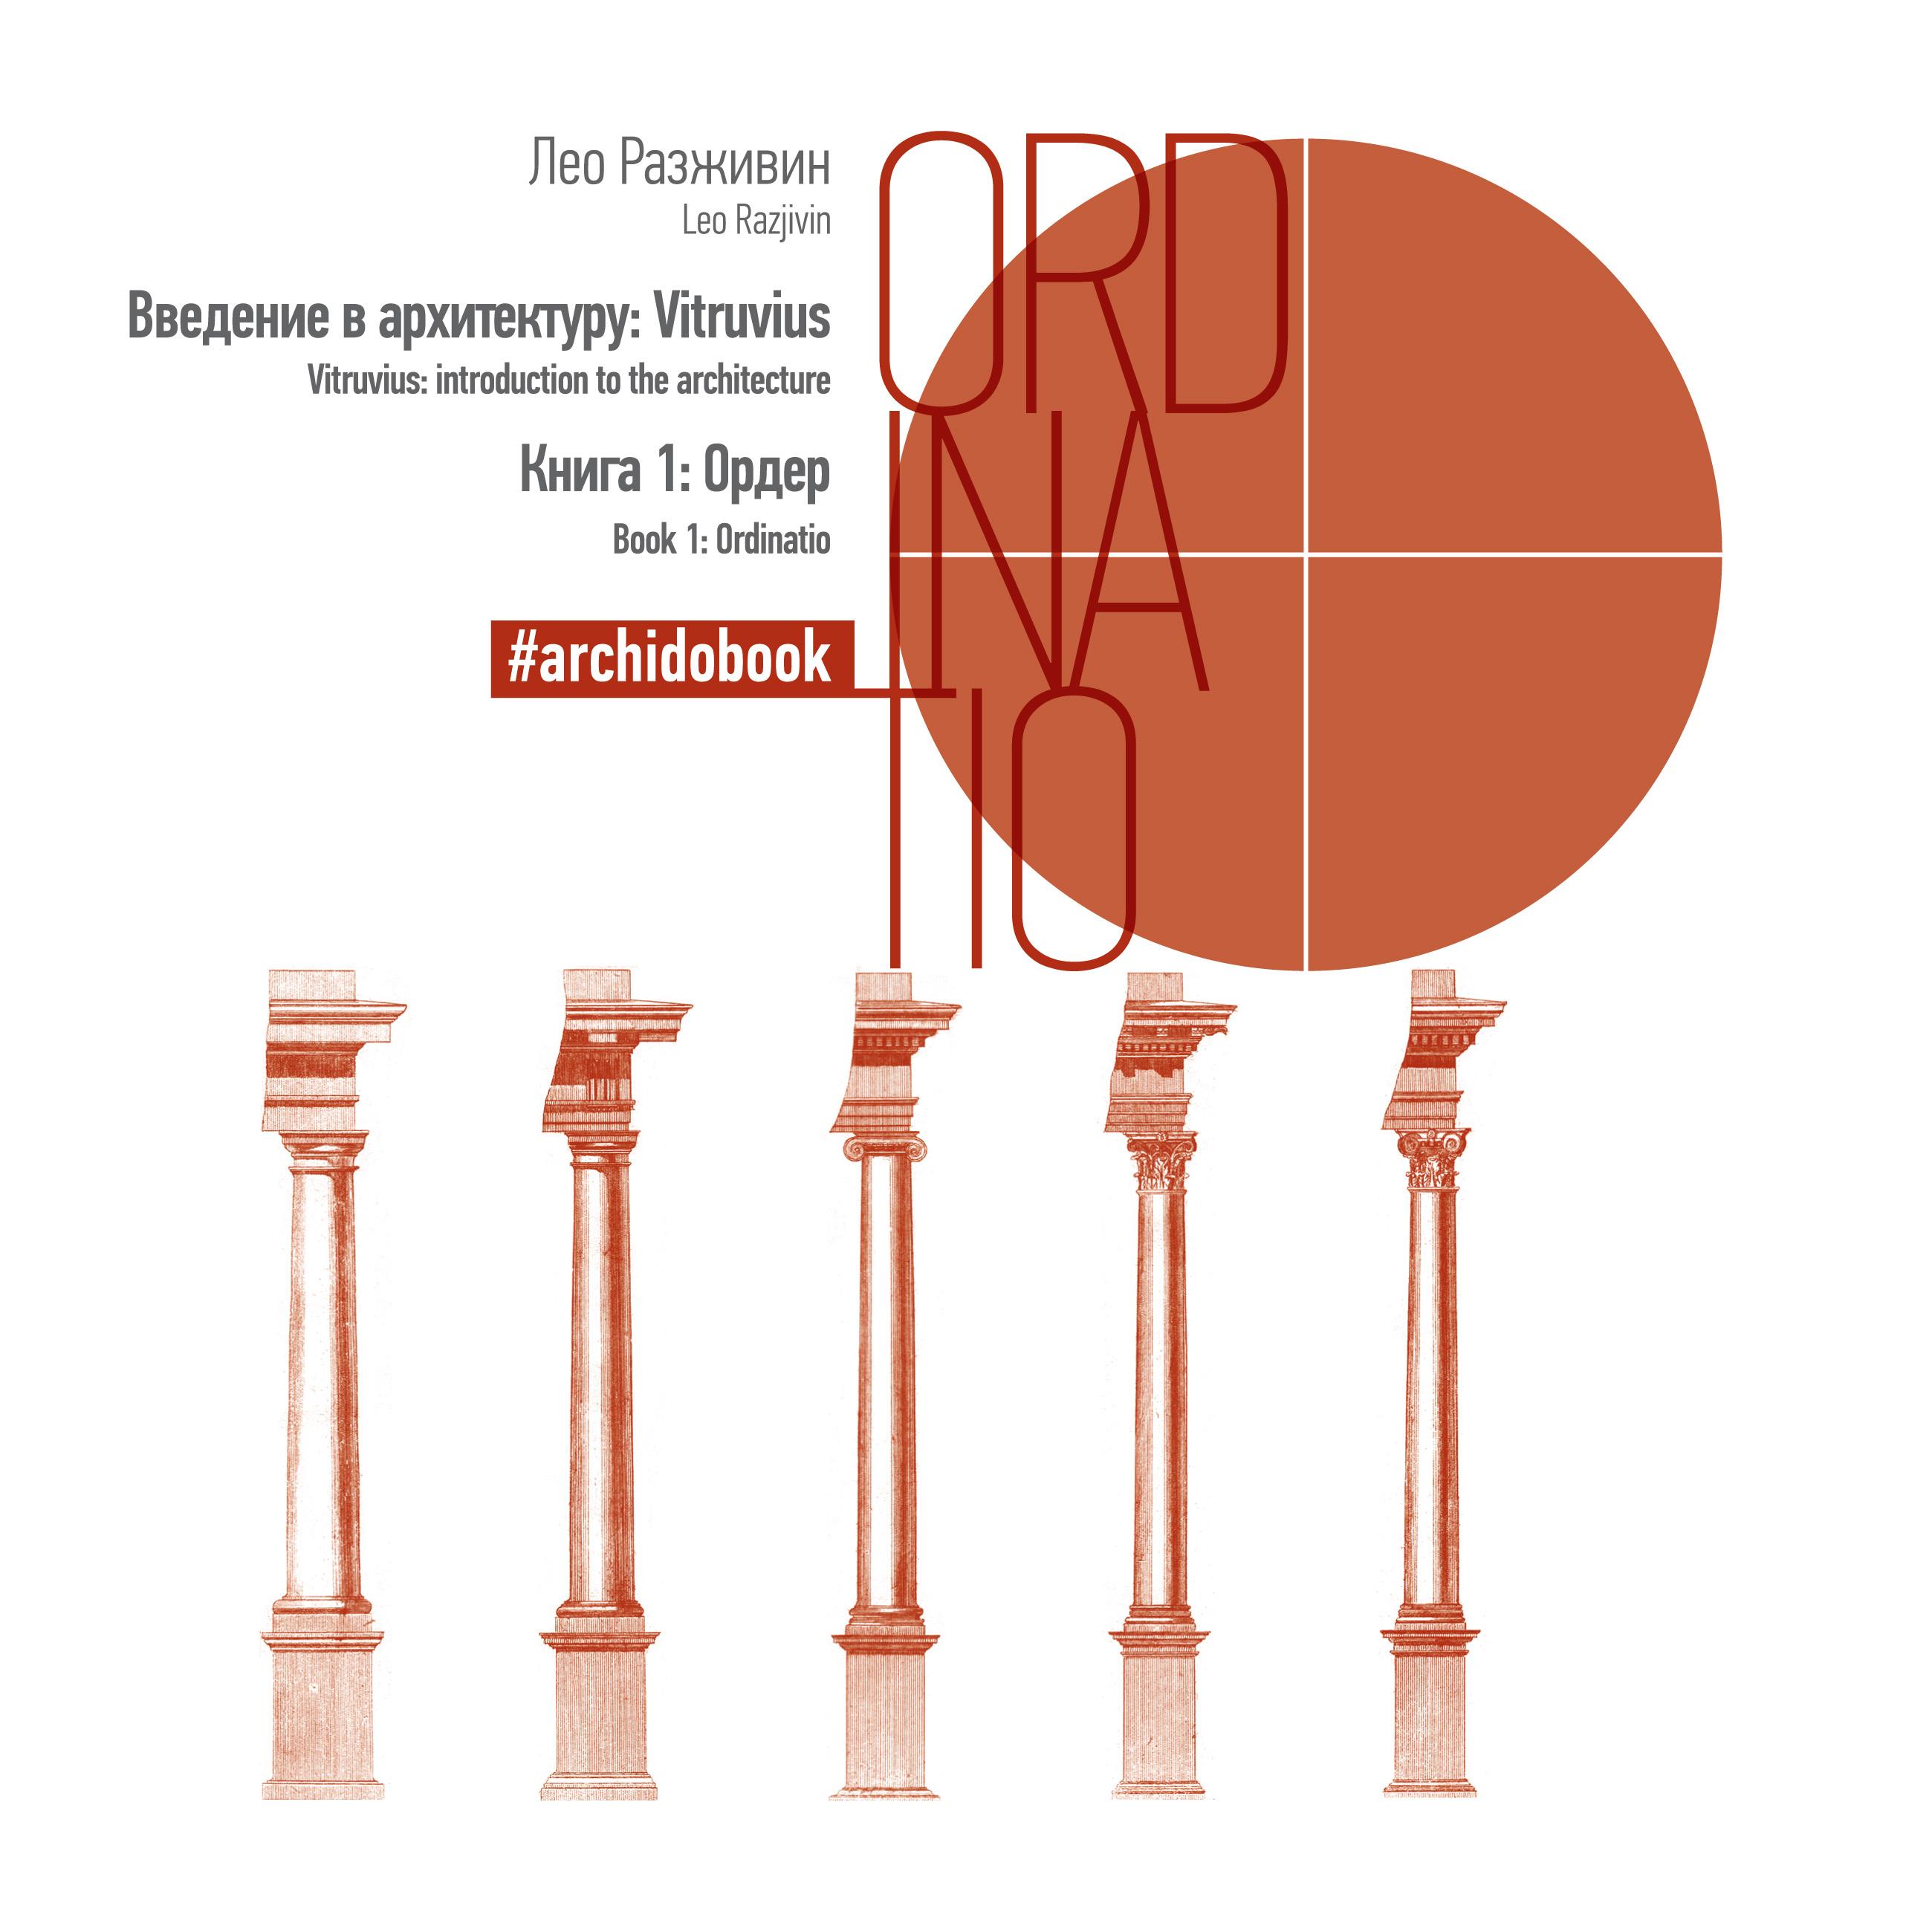 Лео Разживин Введение в архитектуру: Vitruvius. Книга 1: Ордер г с лебедева новейший комментарий к трактату витрувия десять книг об архитектуре